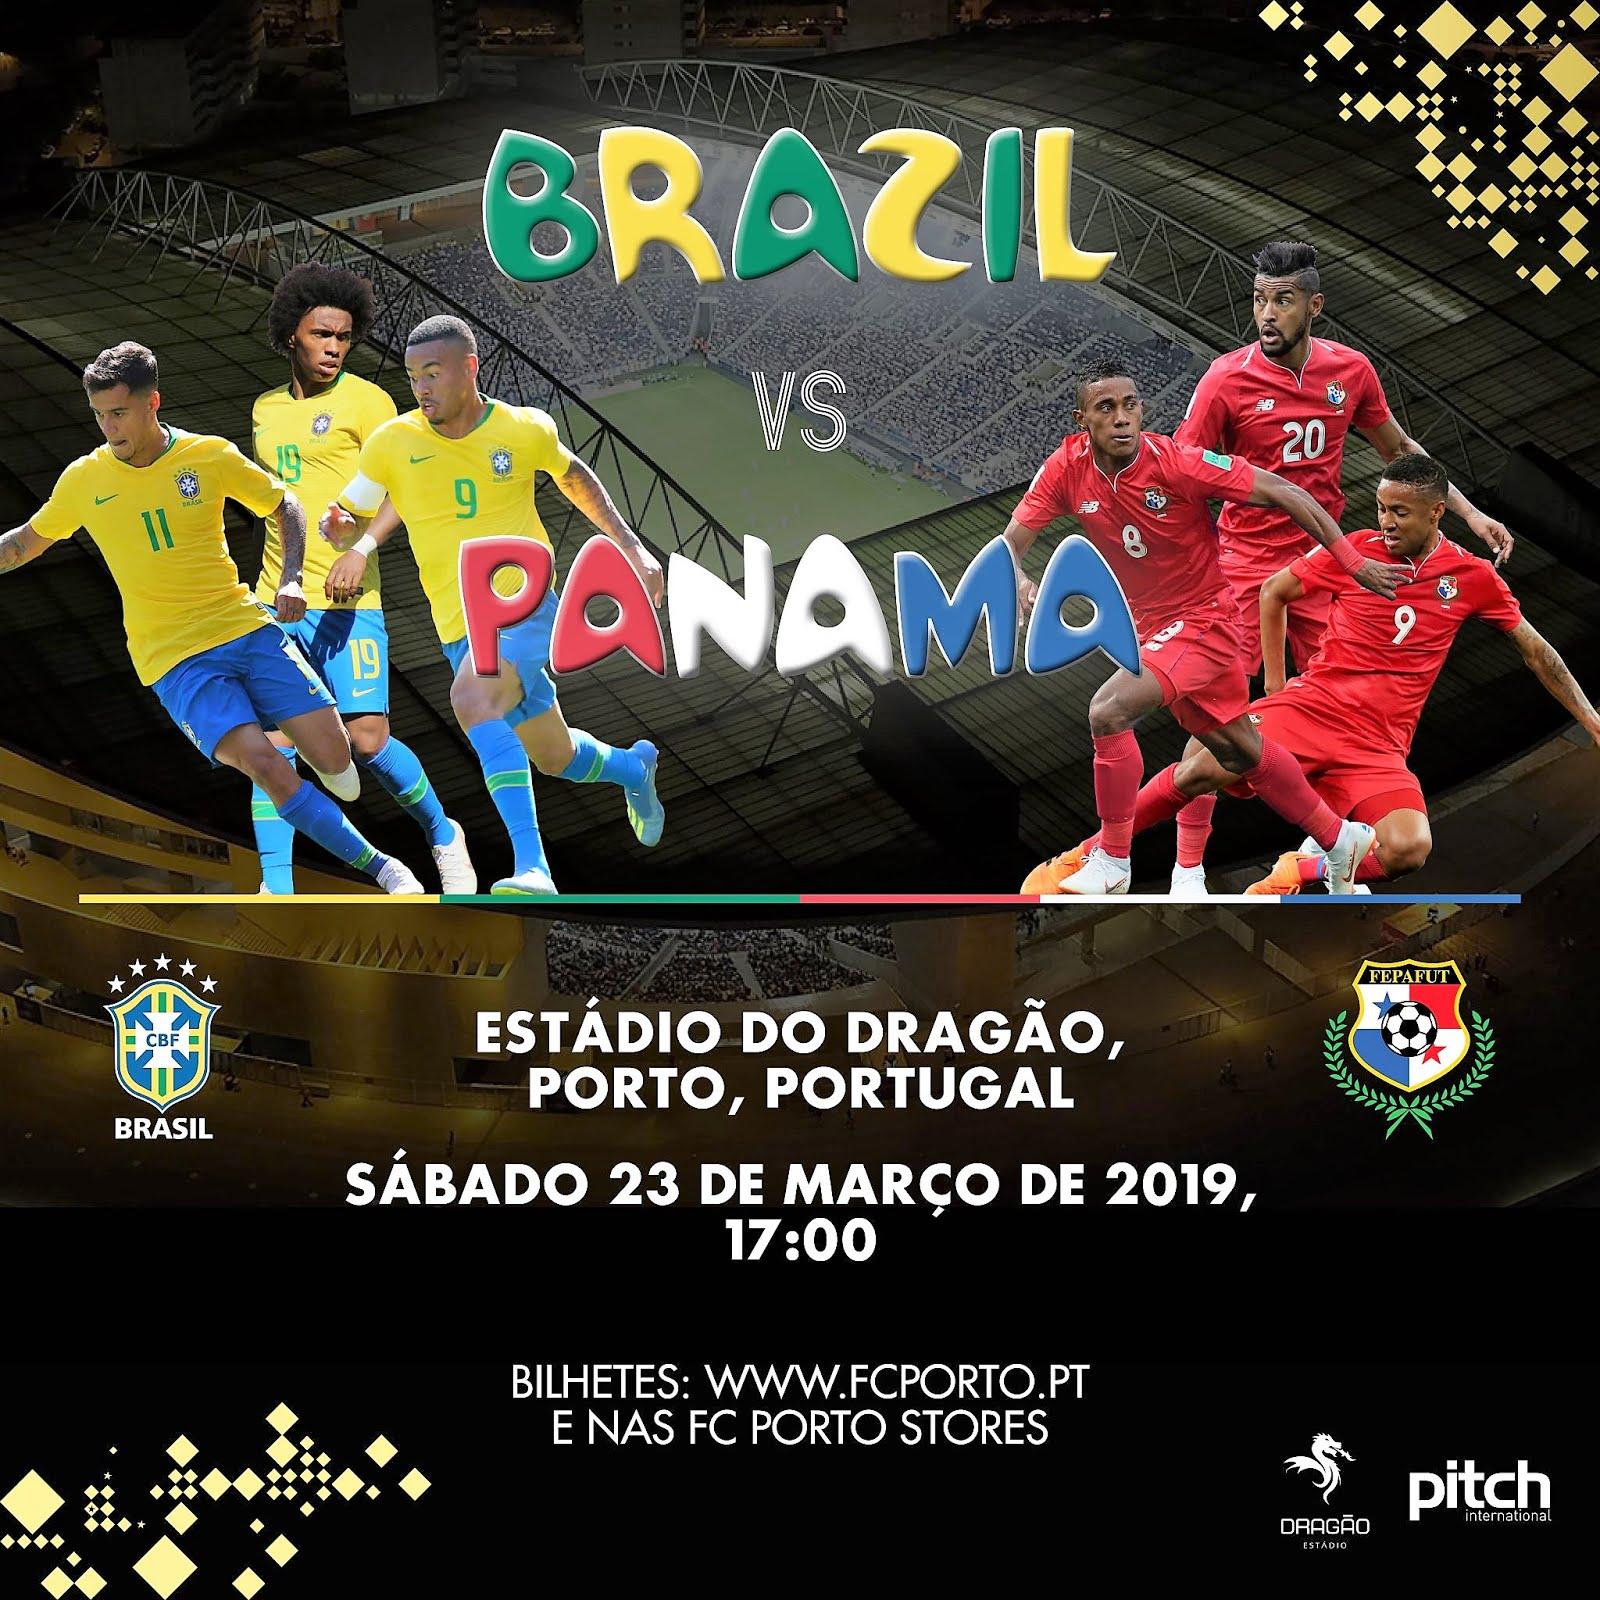 23 de março, 17h: Porto